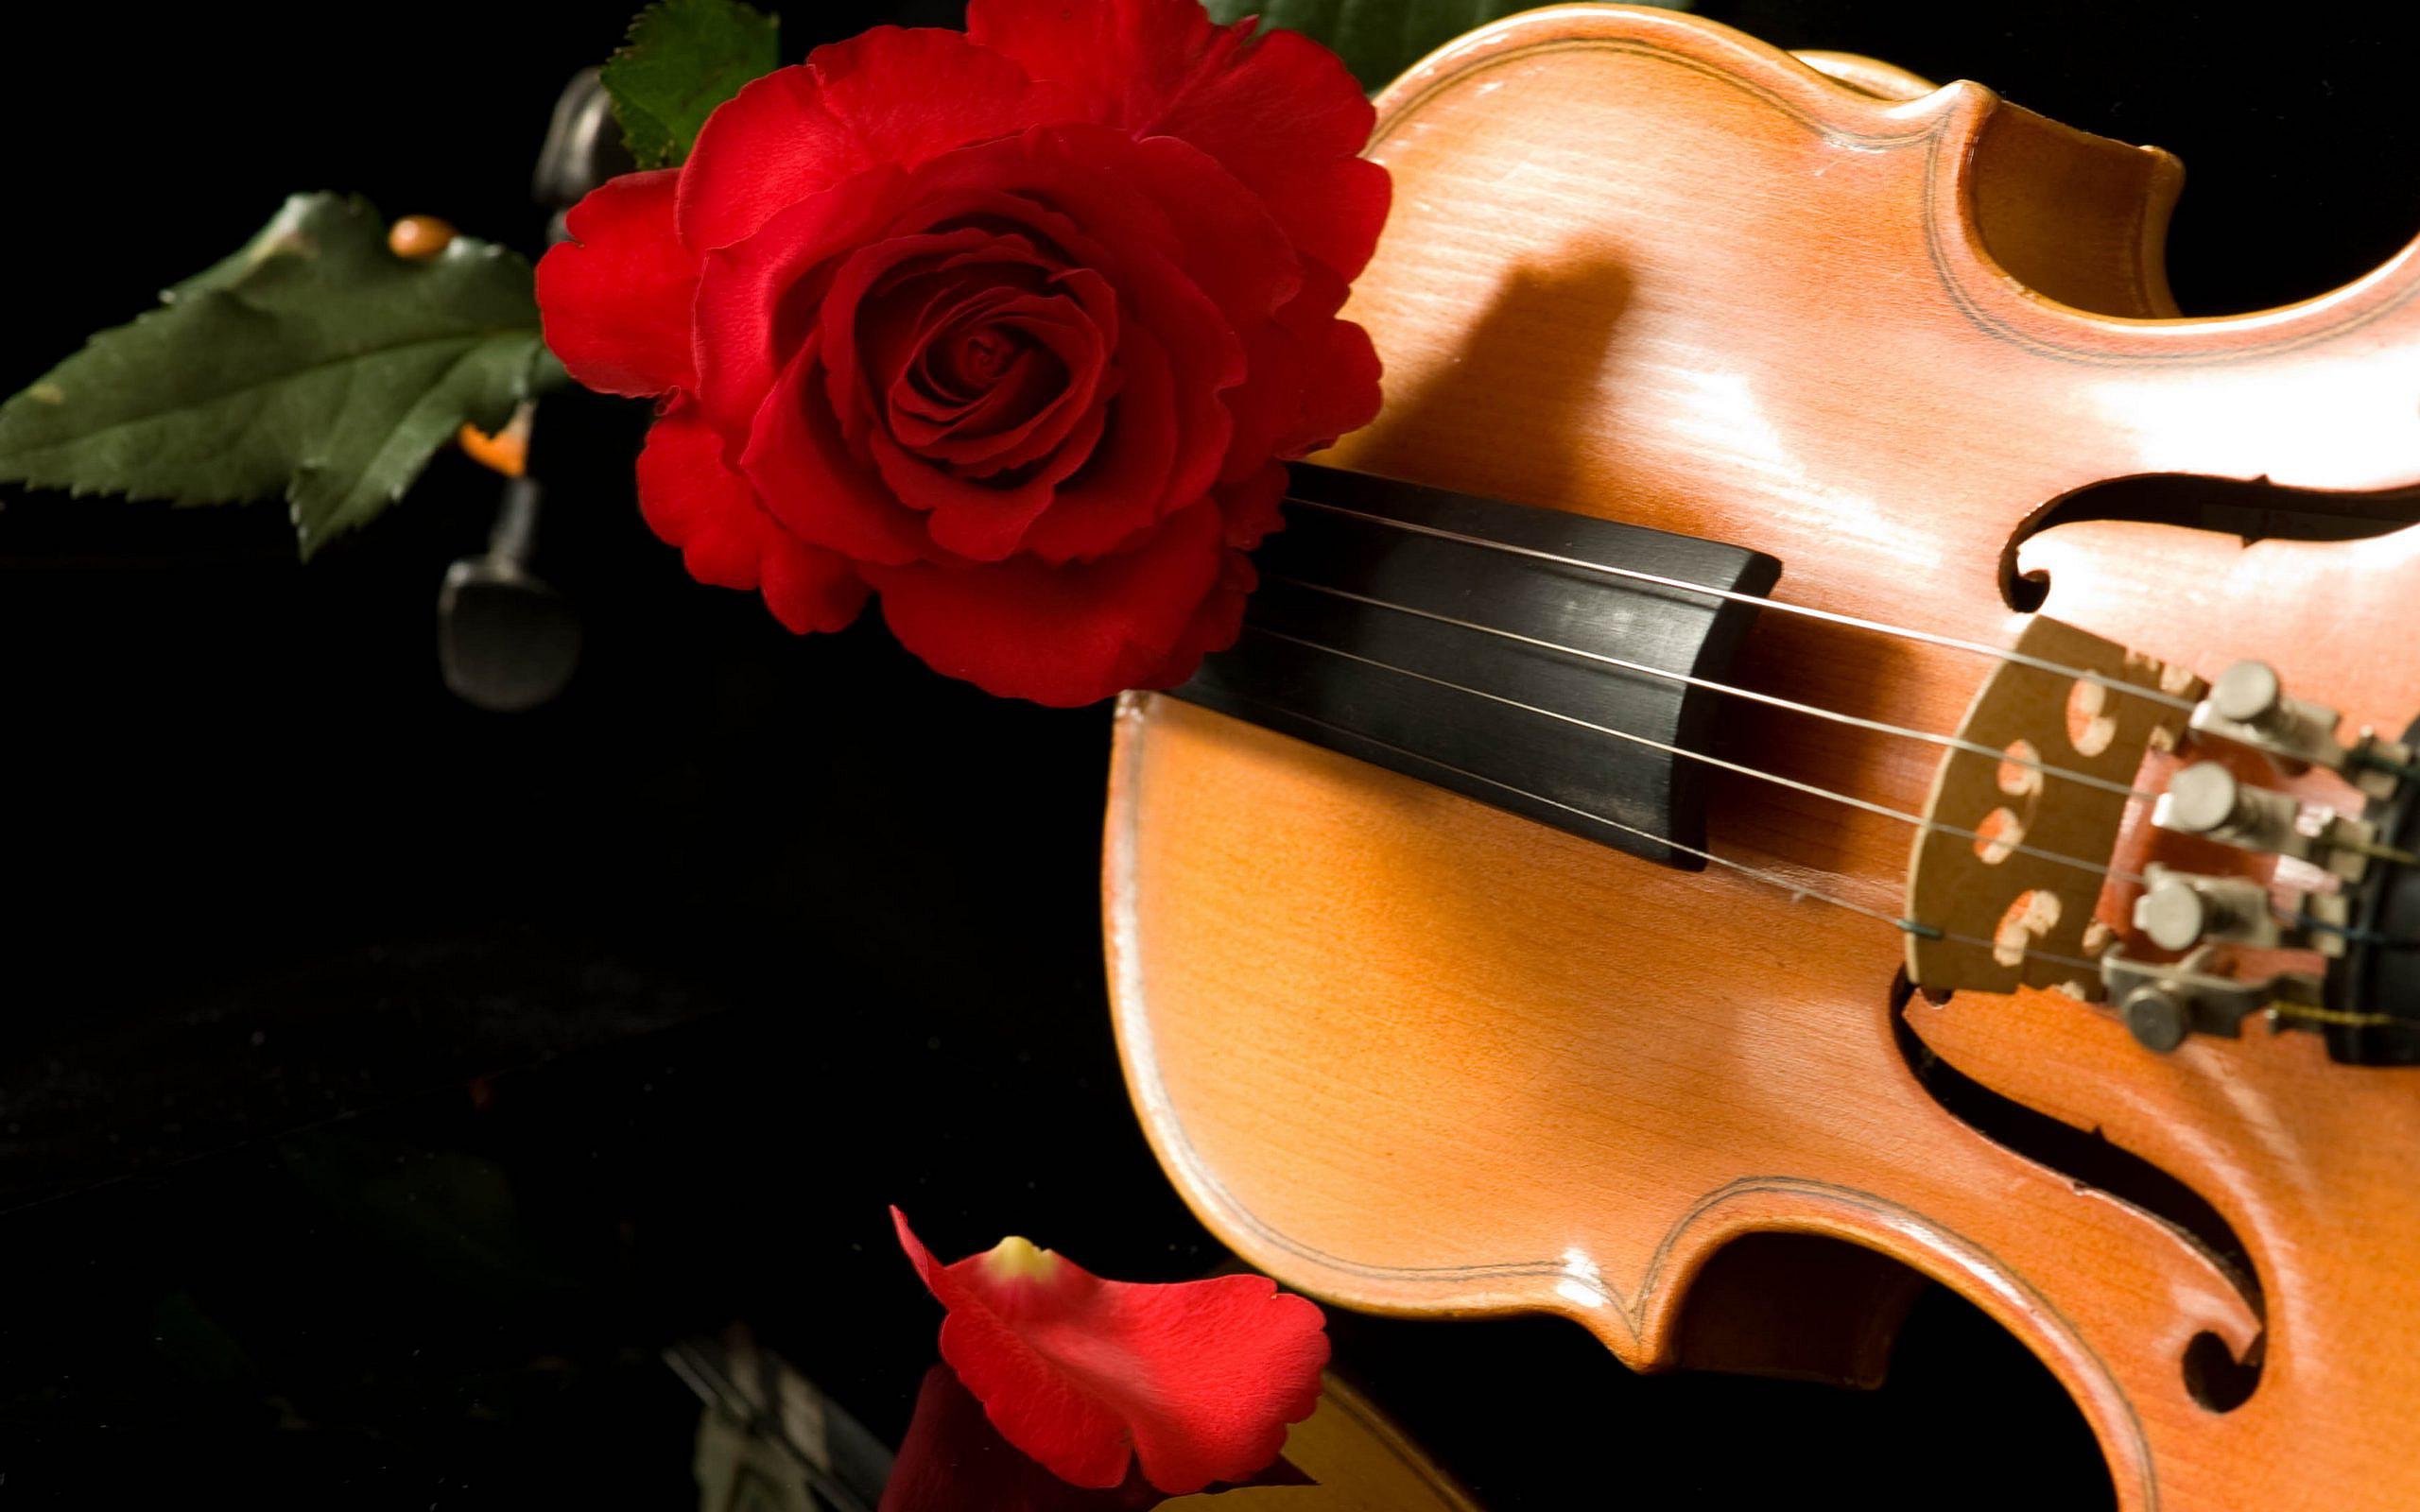 Violin Roses